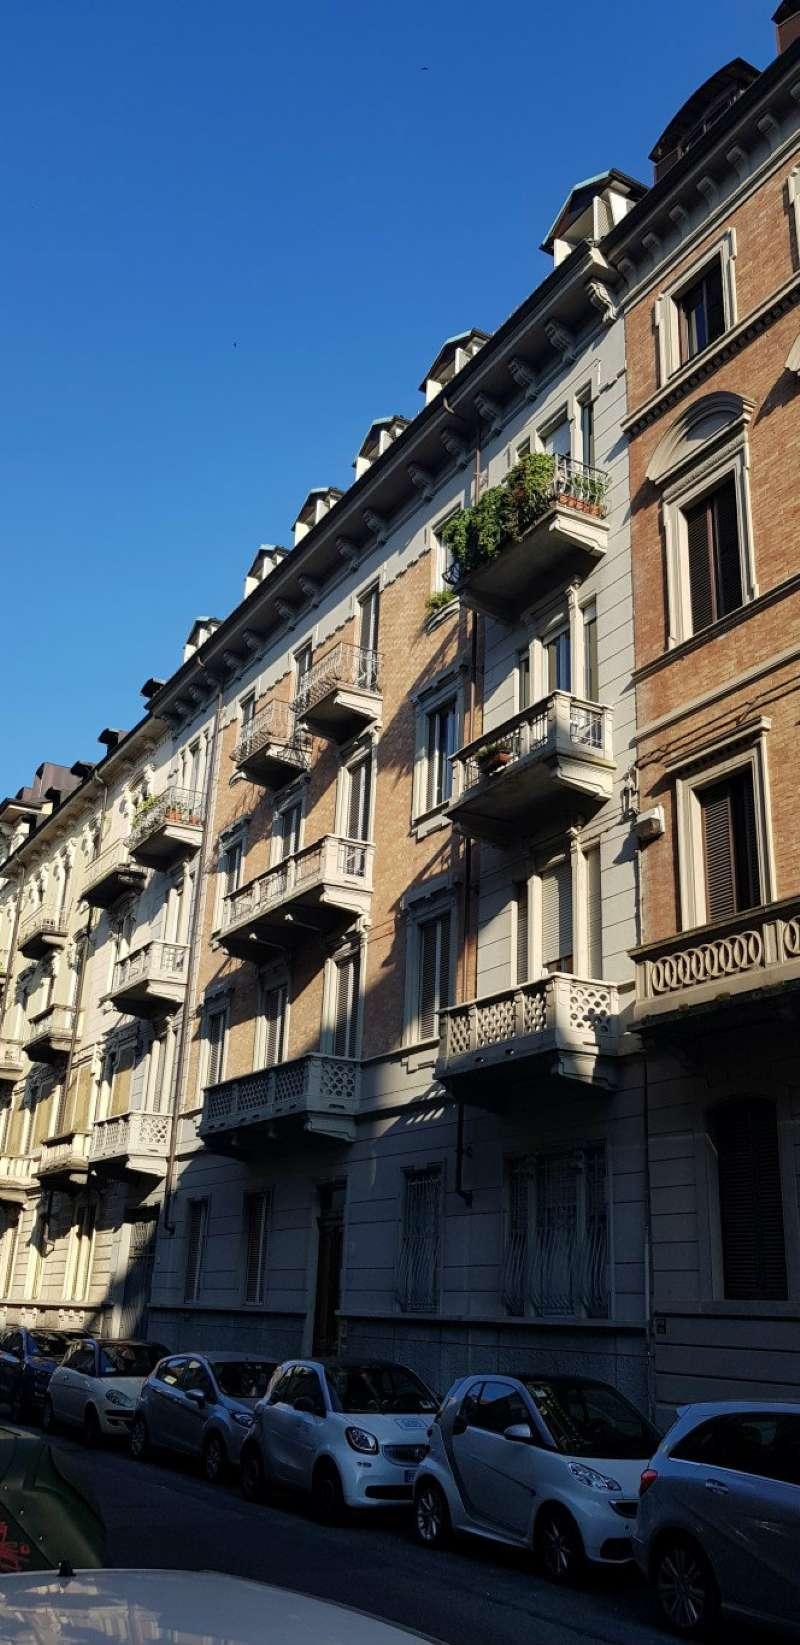 Foto 1 di Bilocale via abate vassalli eandi 17, Torino (zona Cit Turin, San Donato, Campidoglio)